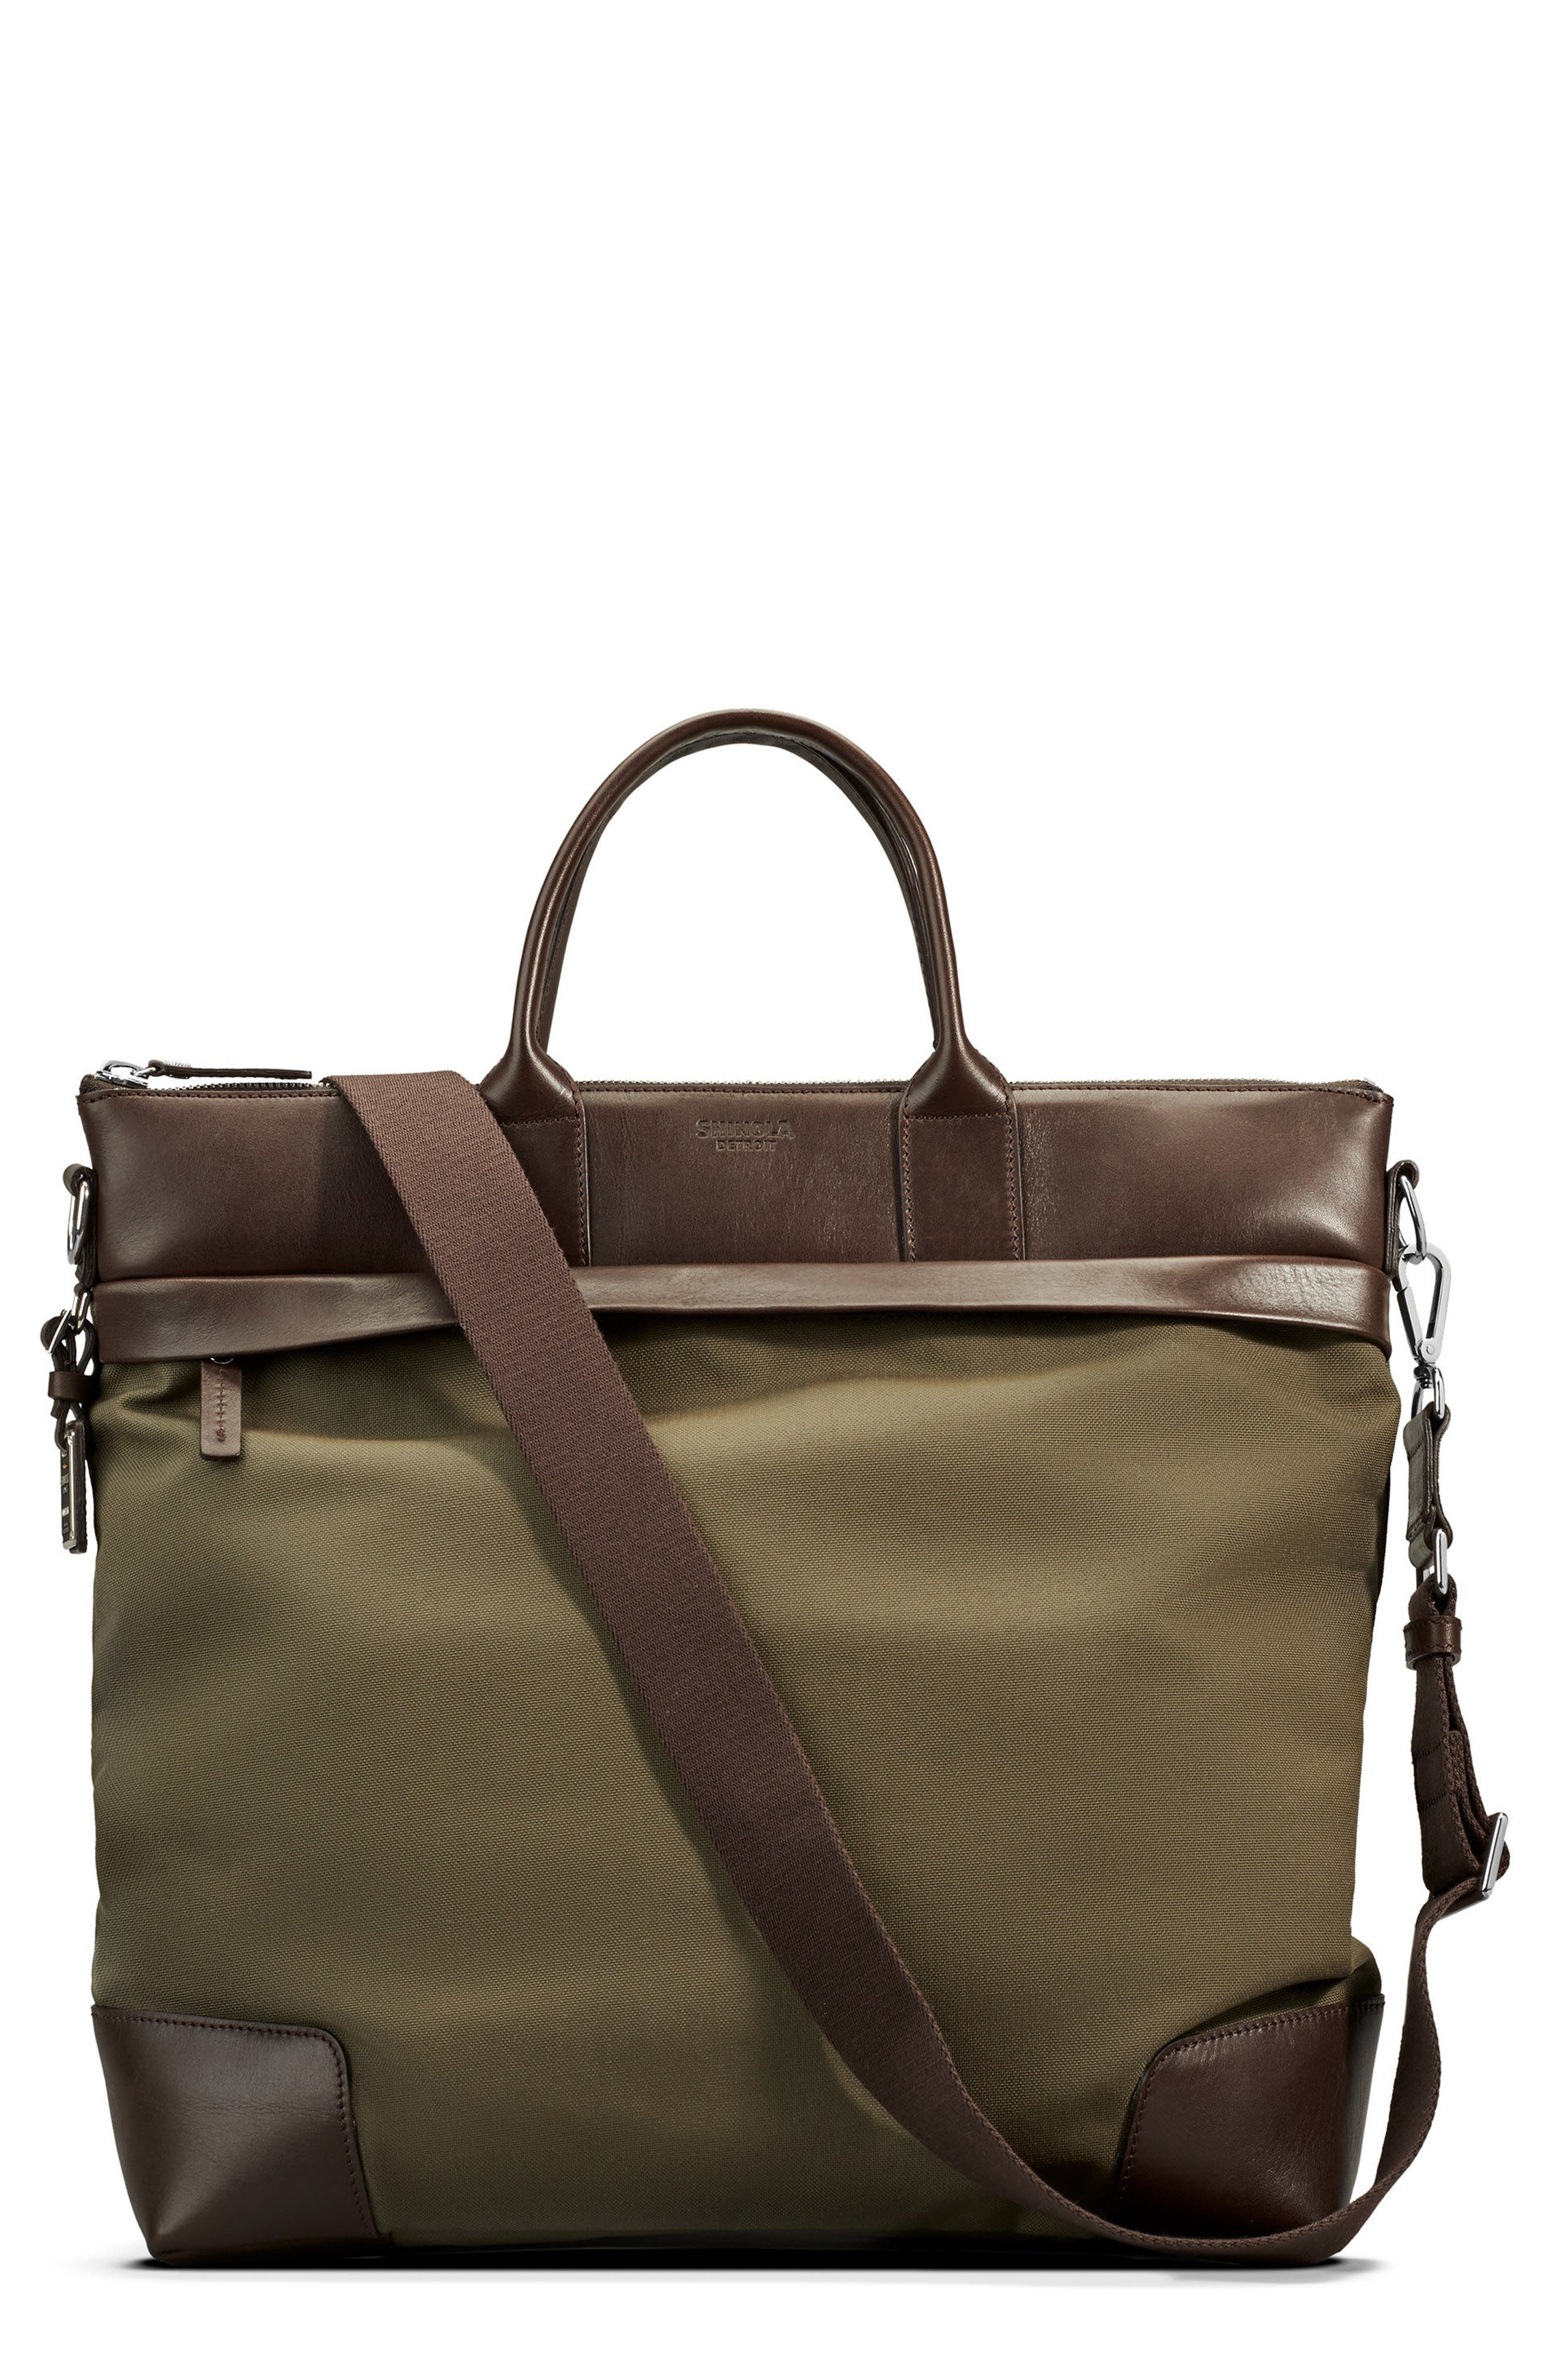 Shinola Tote Bag